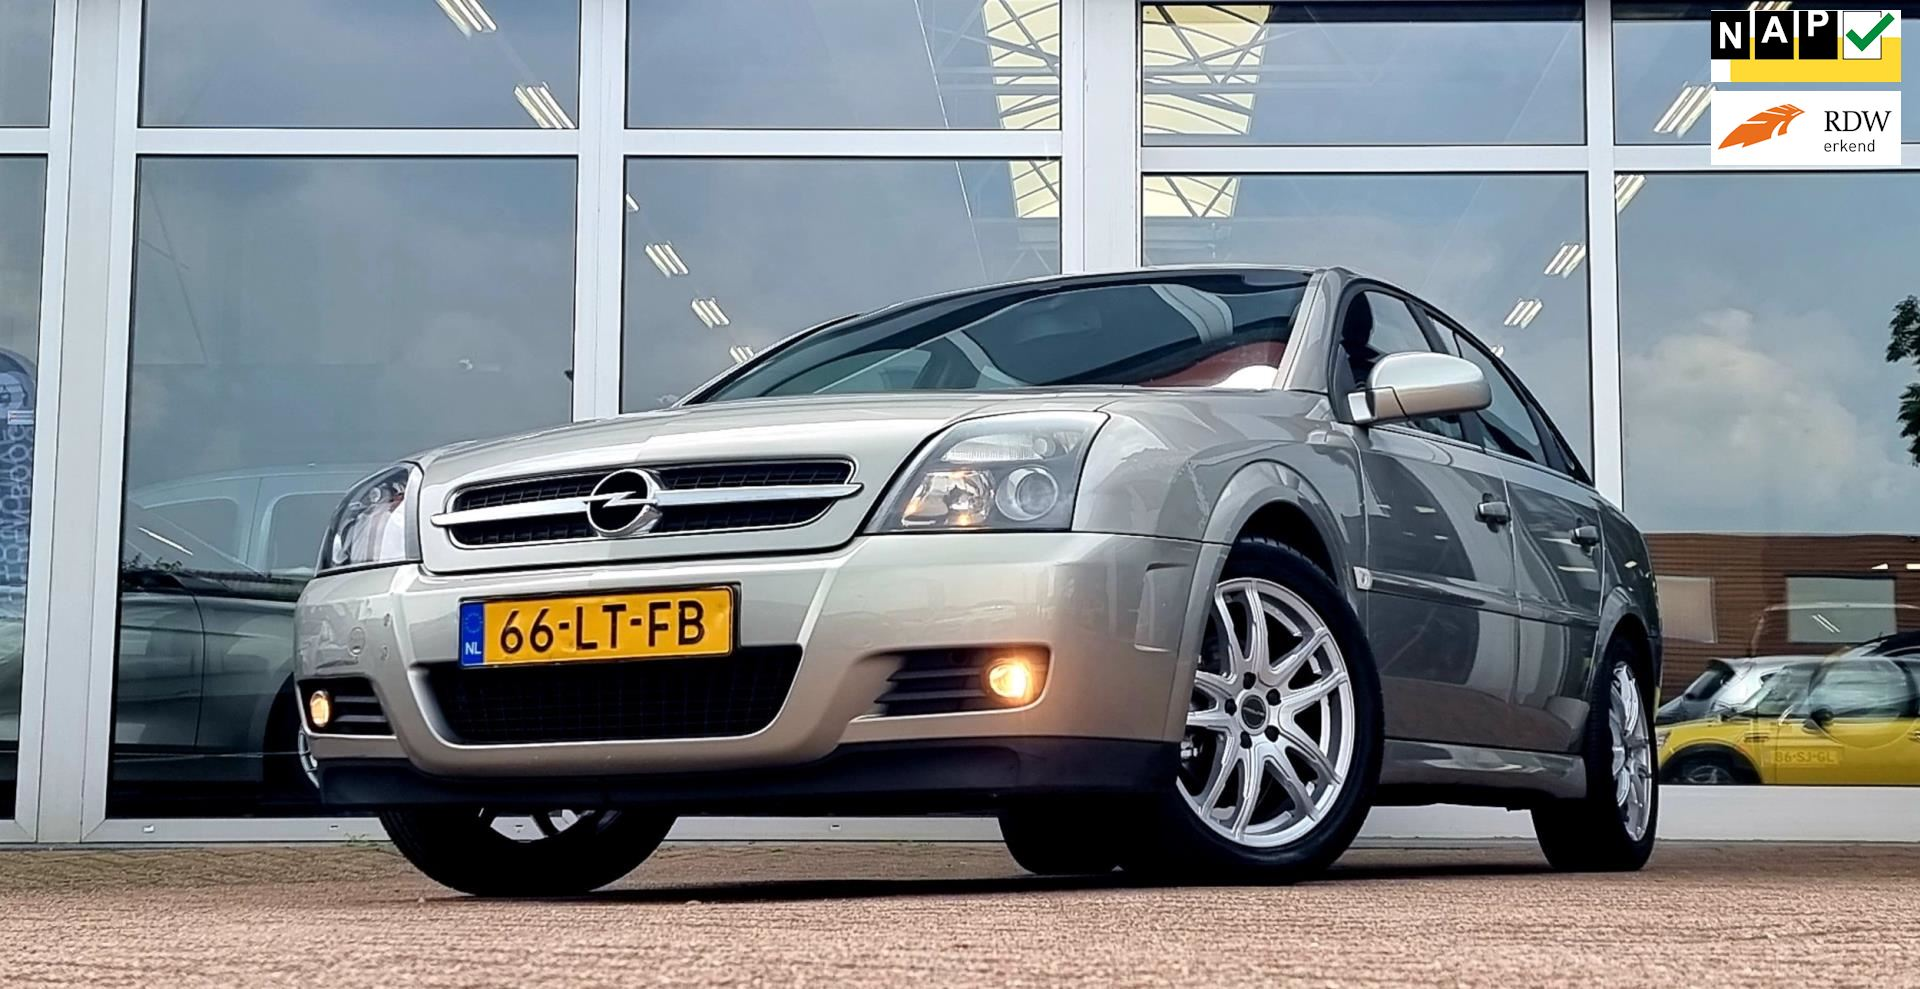 Opel Vectra GTS occasion - van den Boog Automotive